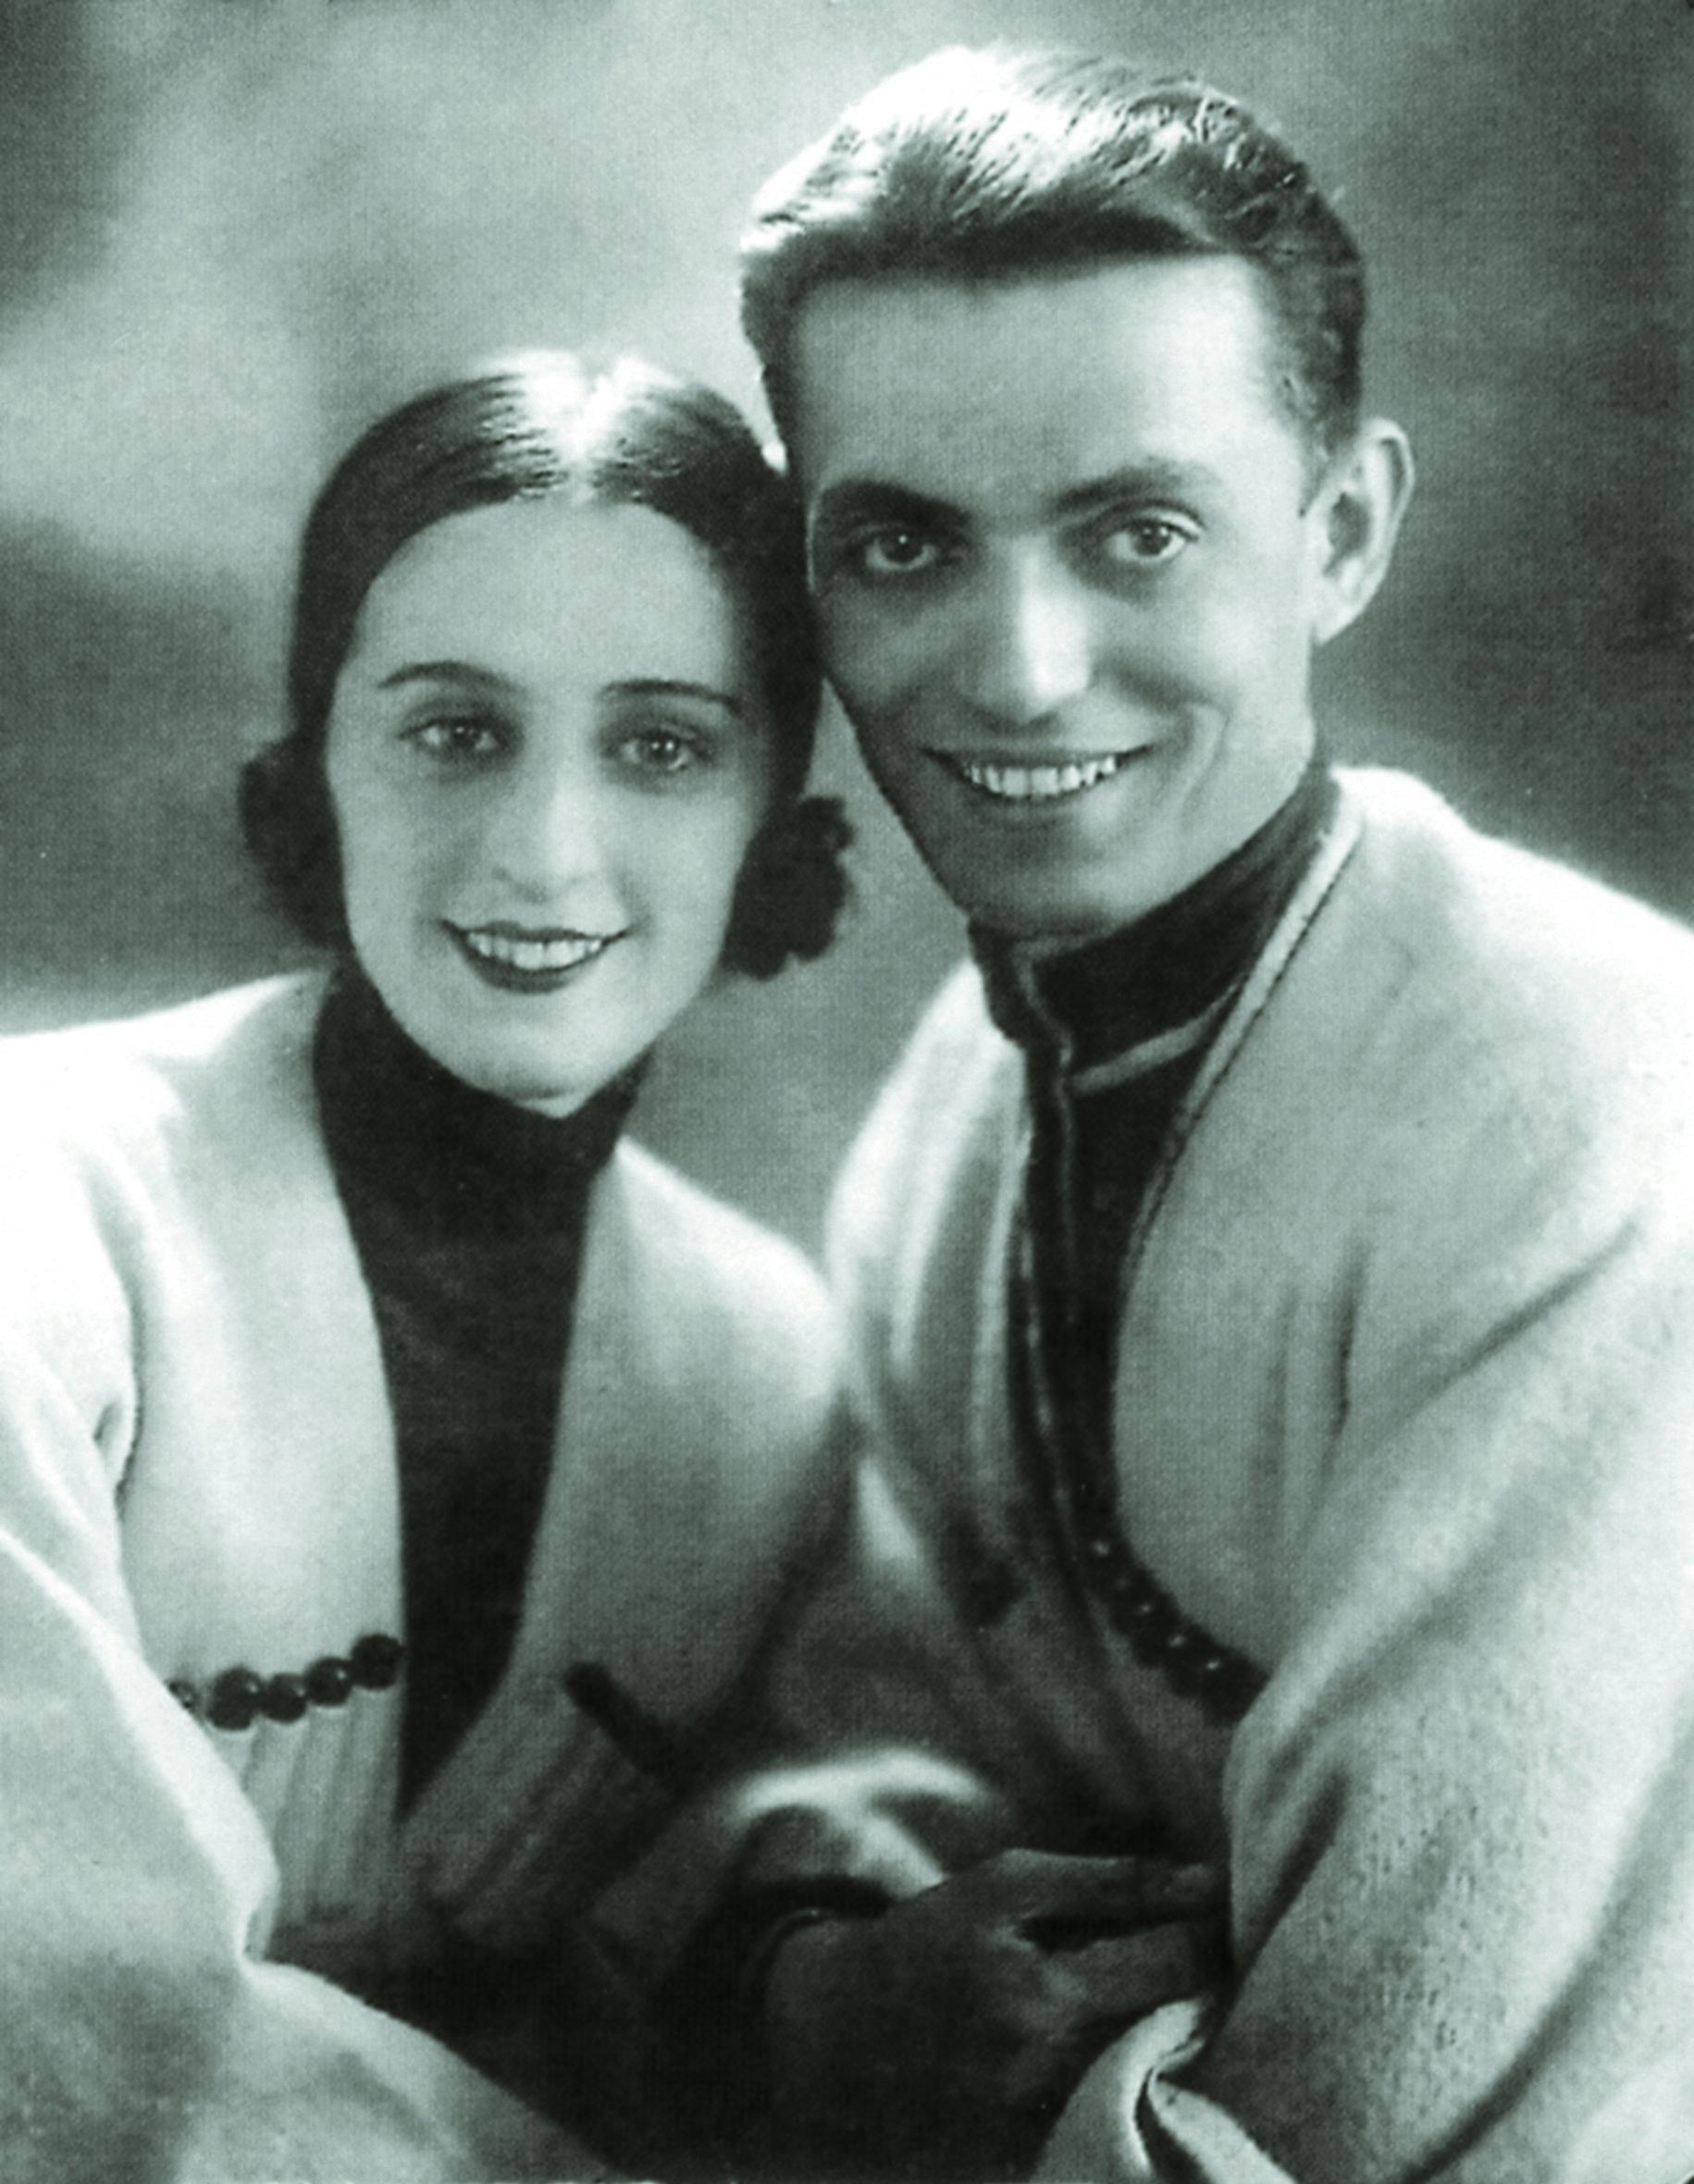 Со своим будущим мужем Илико Сухишвили Нино Рамишвили познакомилась в Тбилисском театре оперы и балета